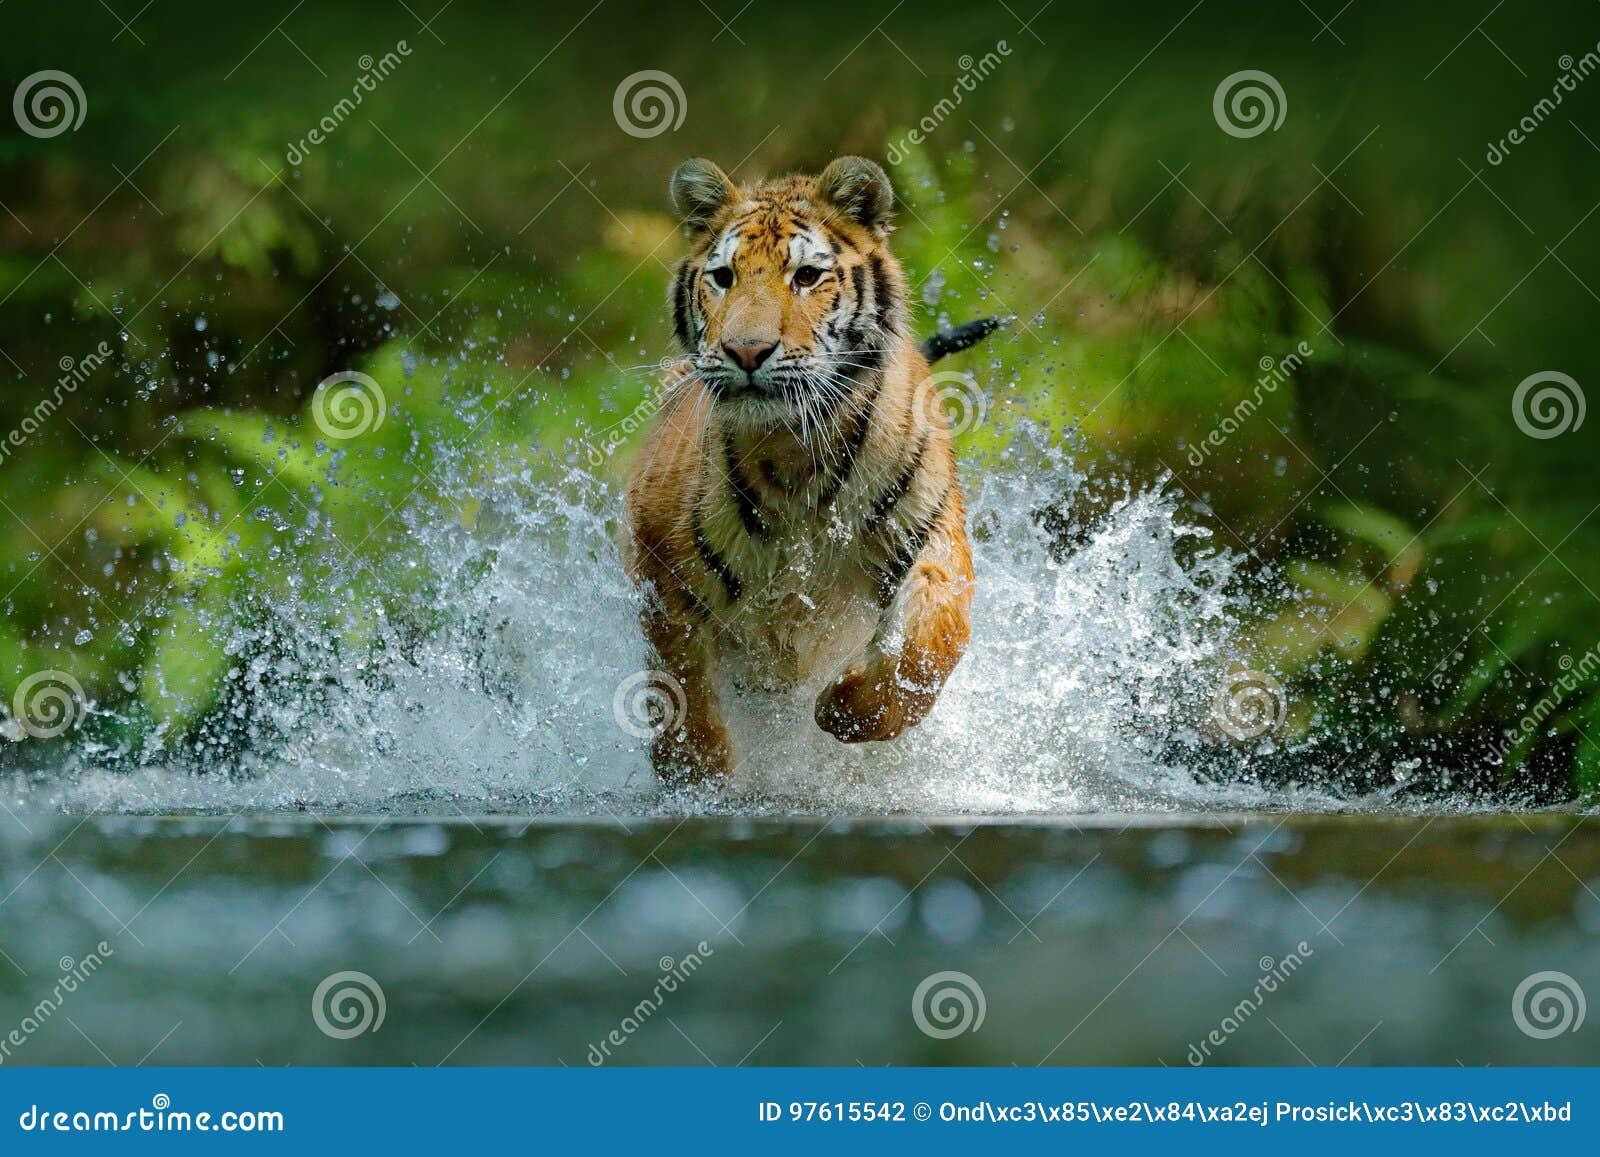 Tigre que funciona na água Animal do perigo, tajga em Rússia Animal no córrego da floresta Grey Stone, gota do rio Tigre com resp